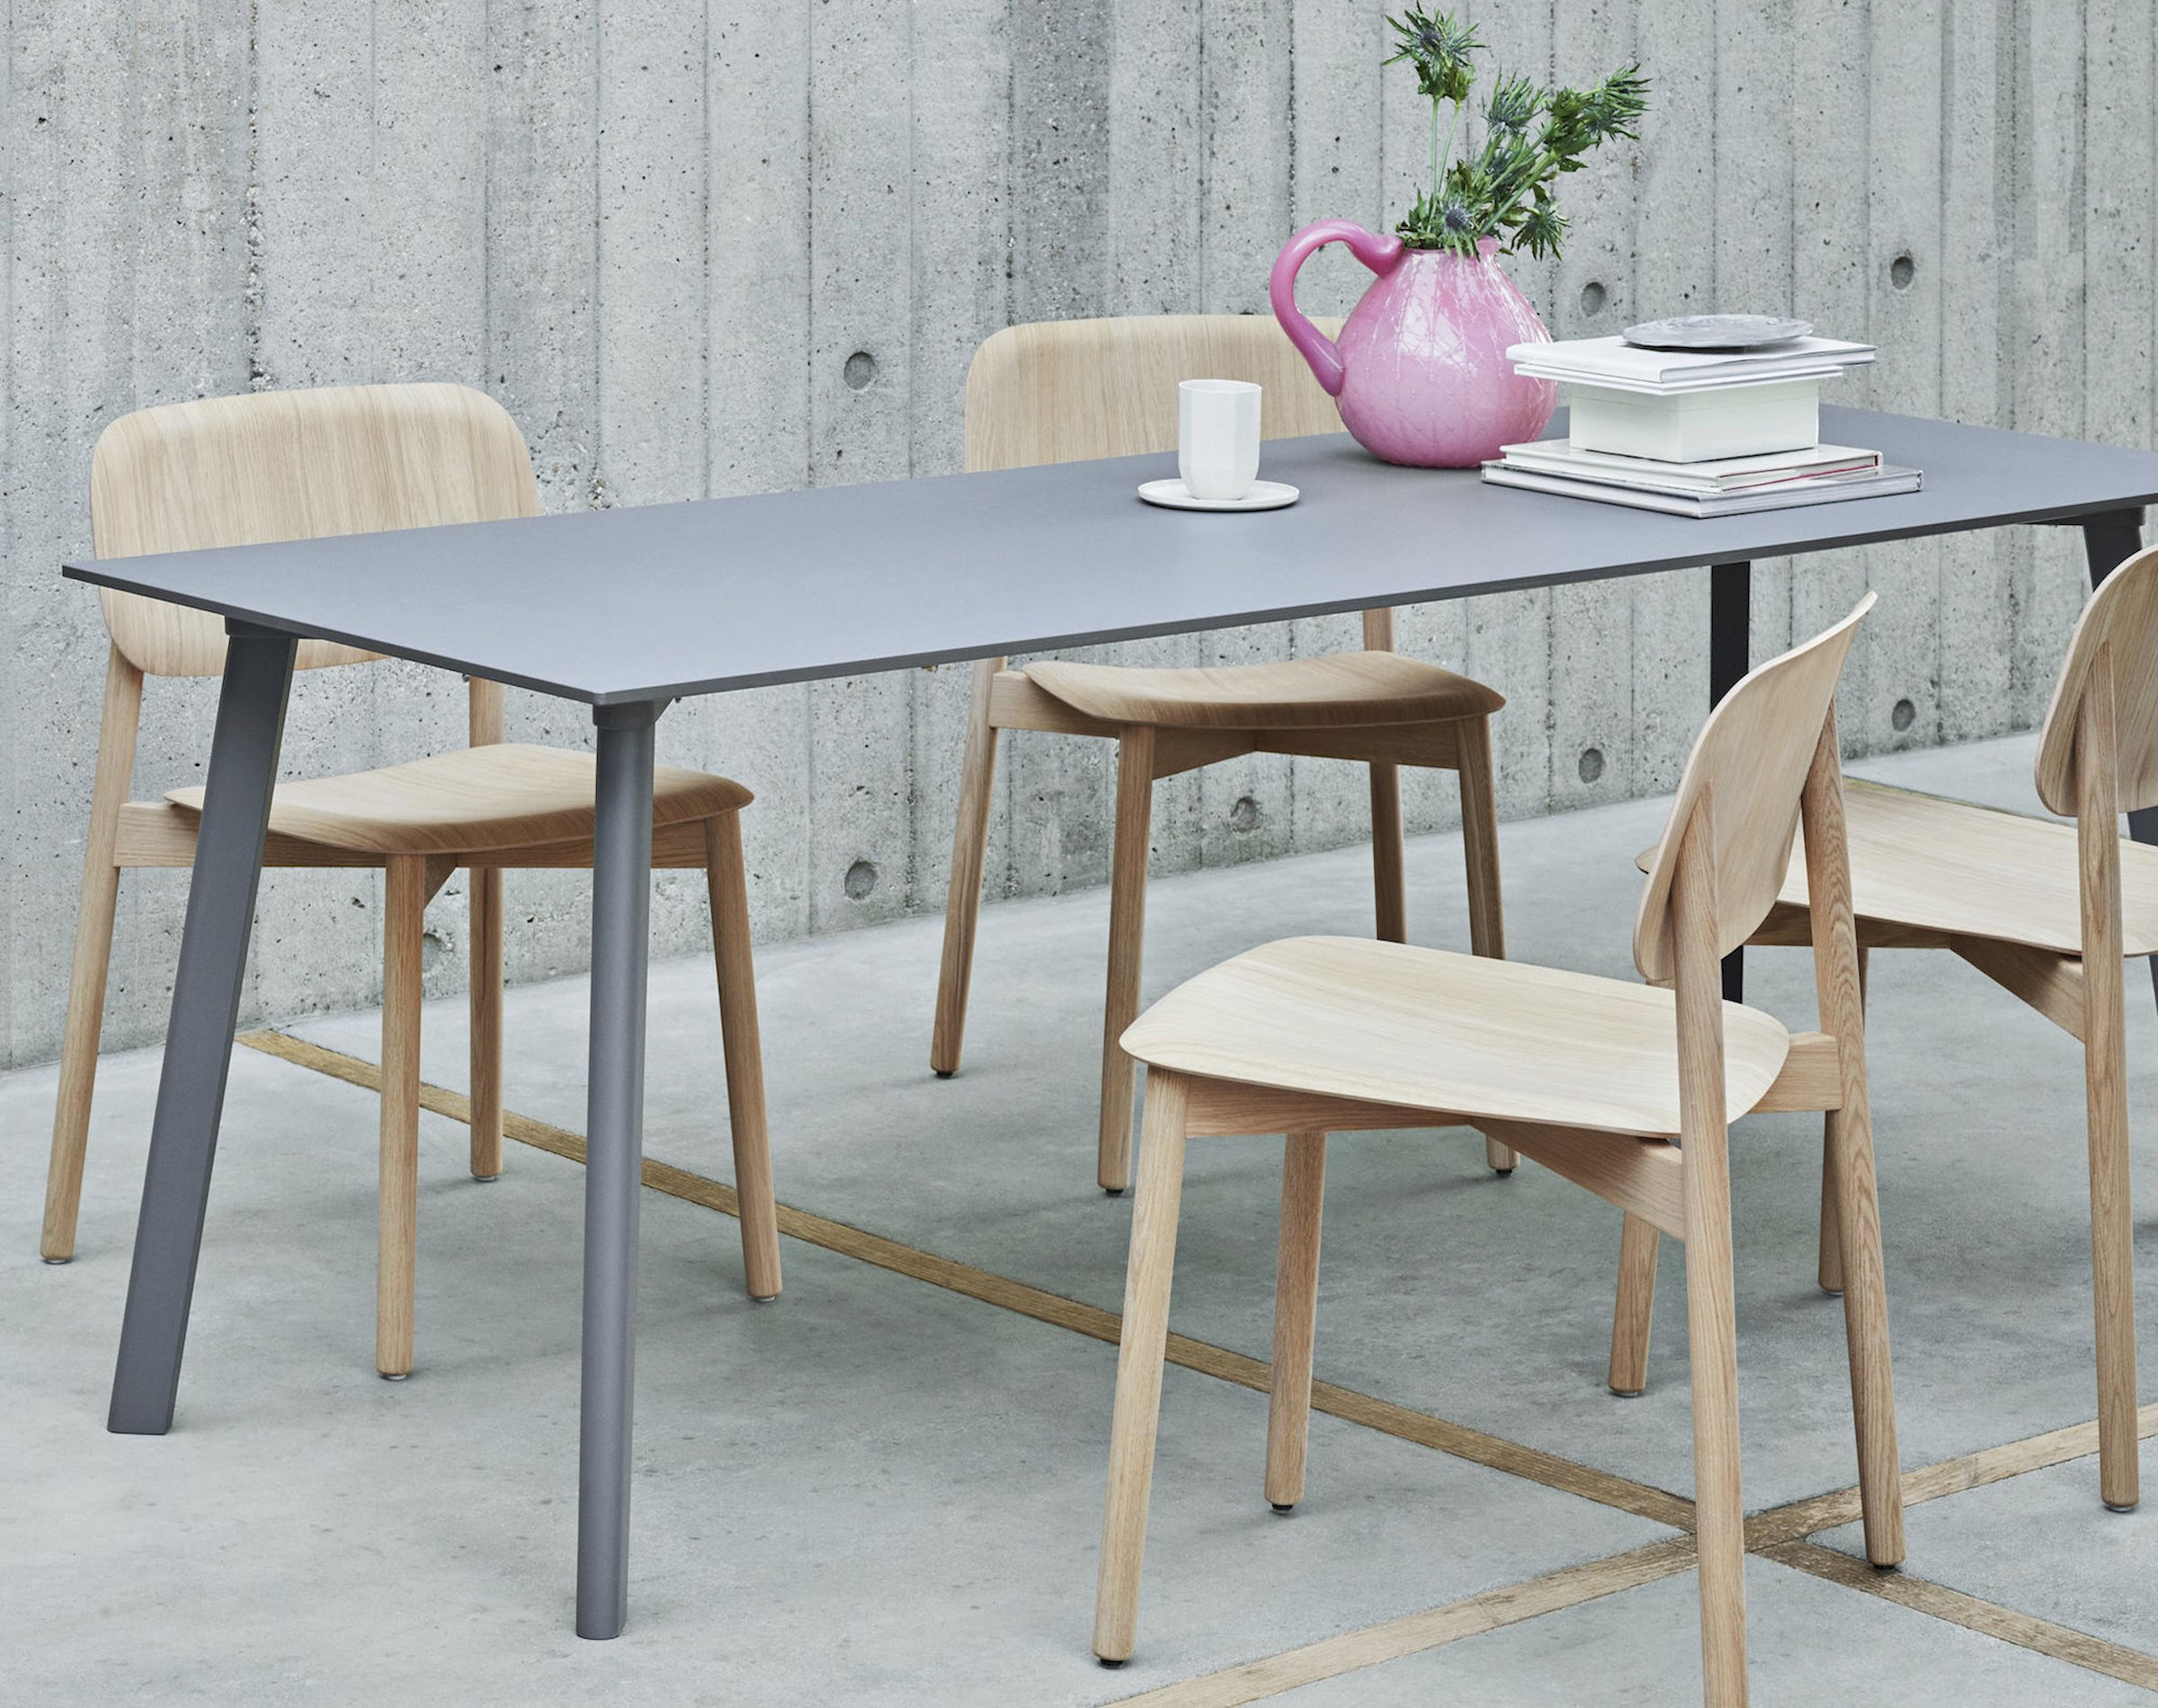 HAY contemporary modern industrial interior design